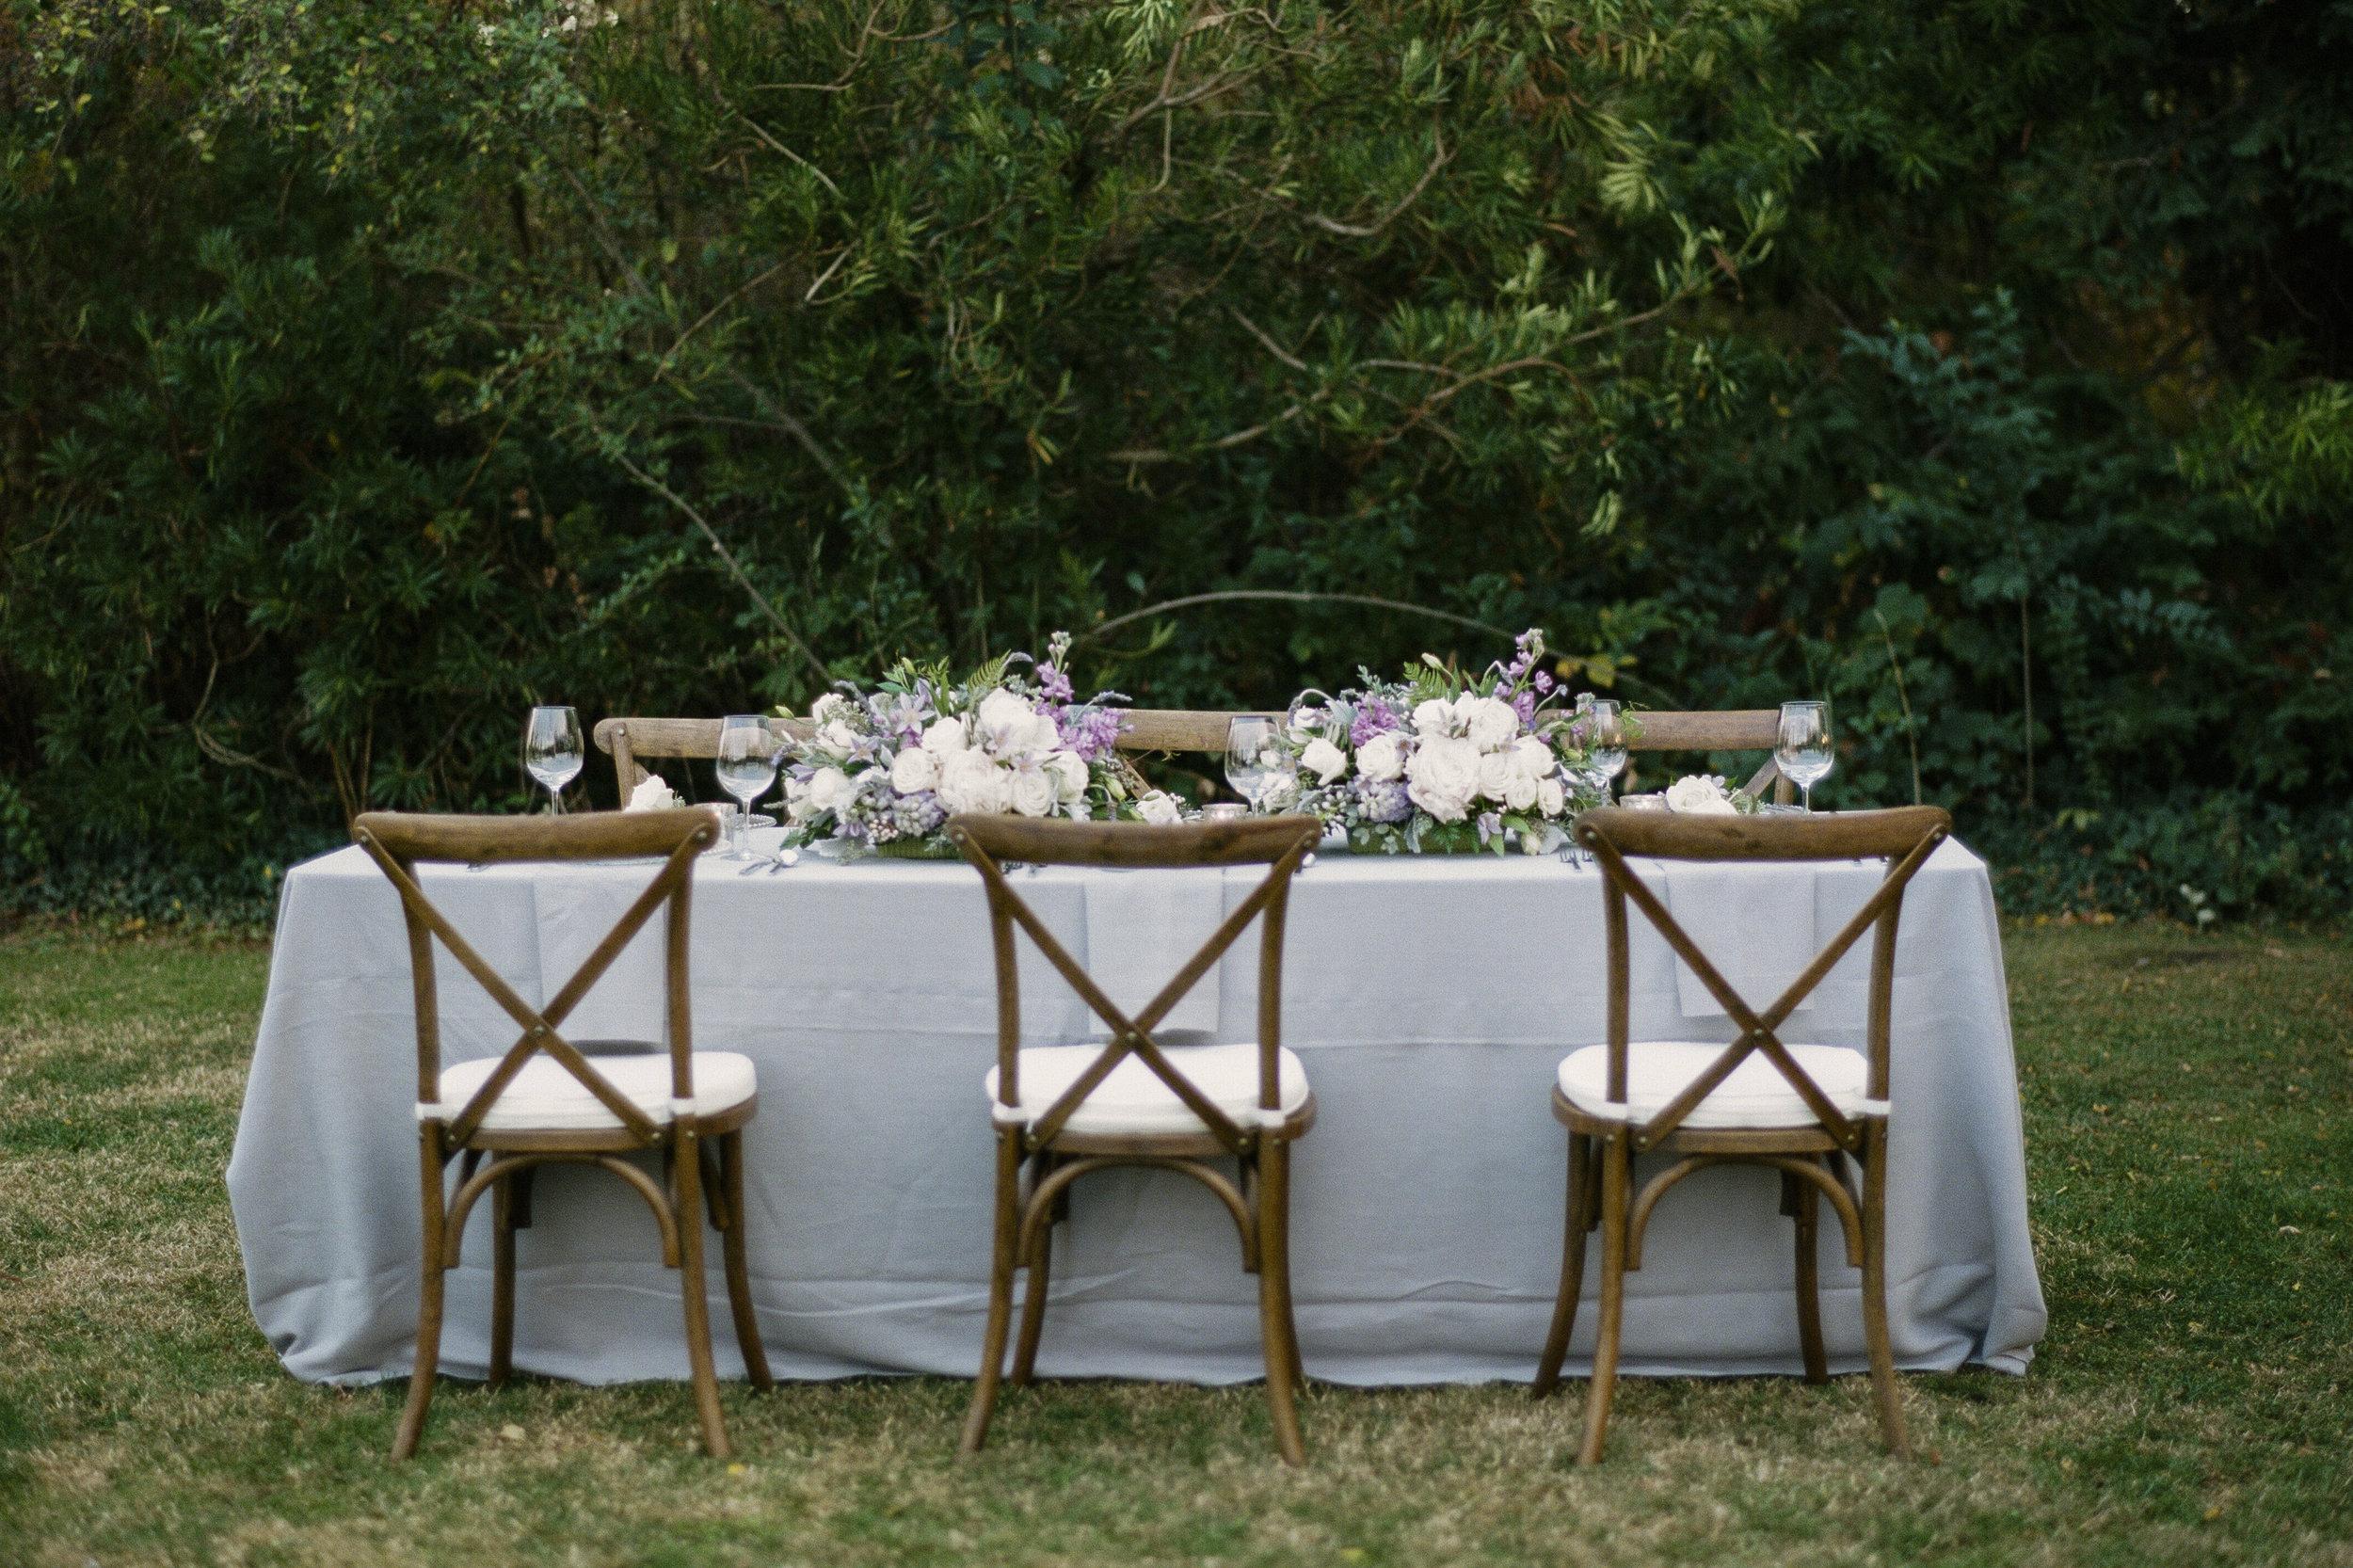 Violette-fleurs-roseville-sacramento-california-Flower-farm-inn-wedding-florist-spring-tablescape-gray.jpg